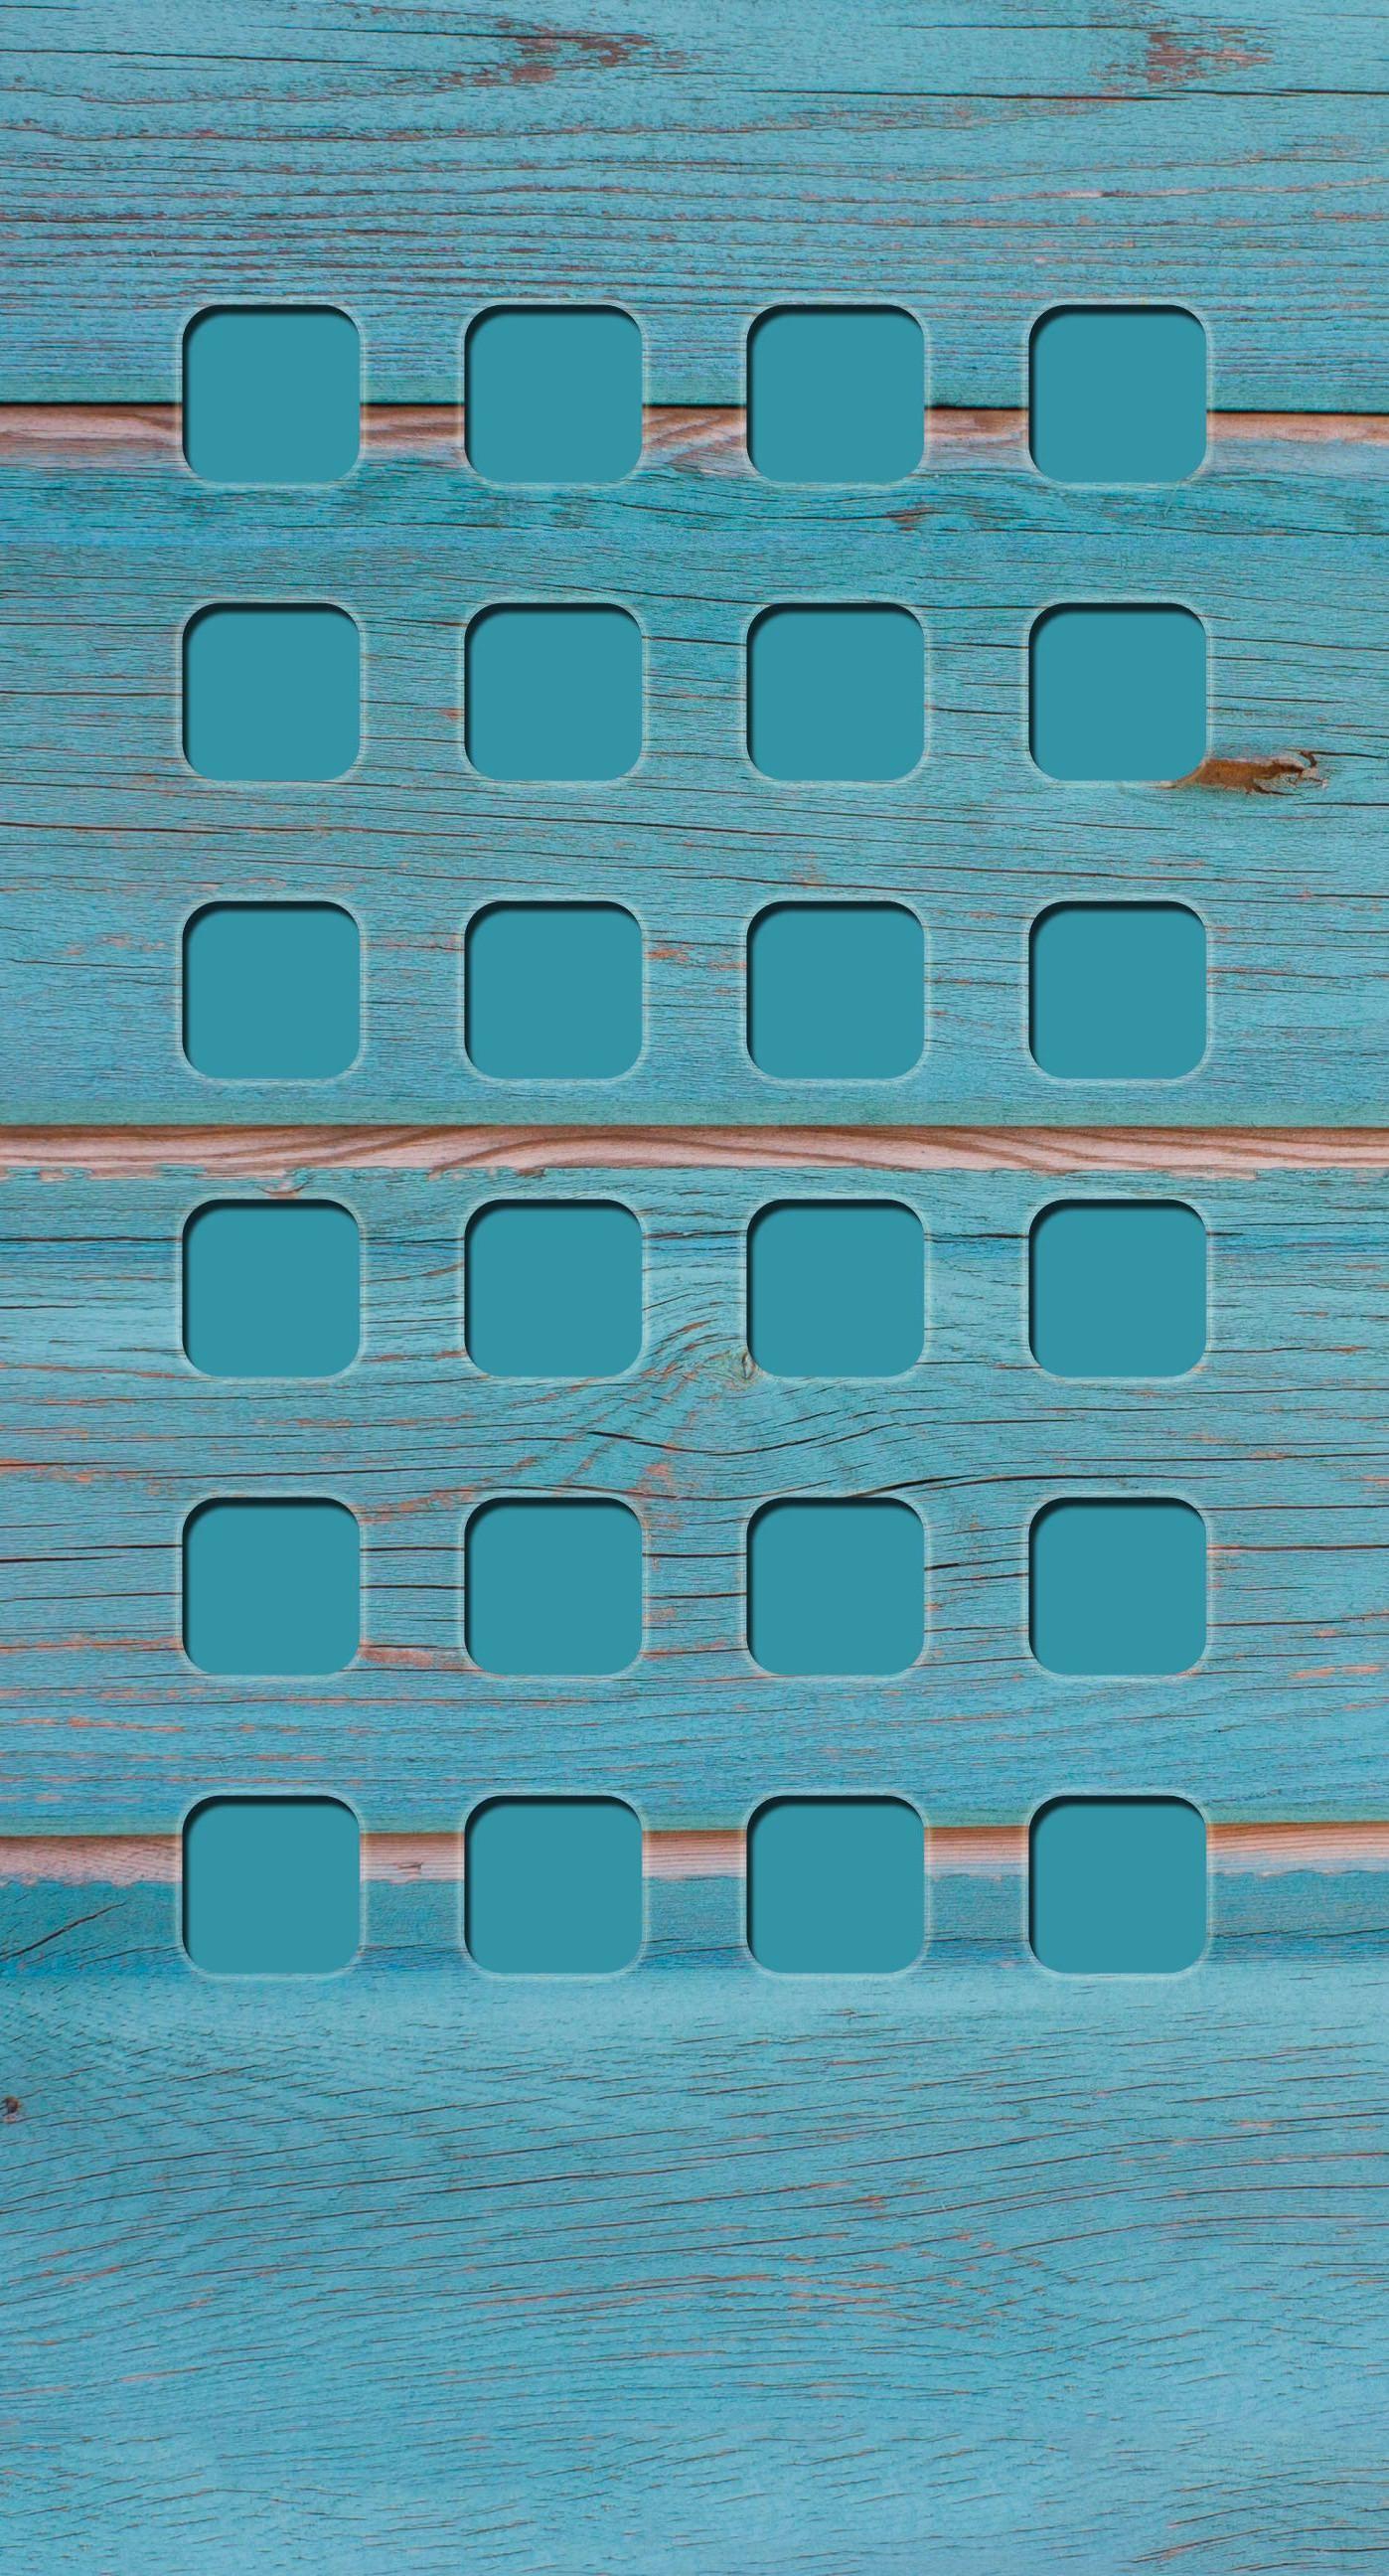 棚青壁 Wallpaper Sc Iphone6splus壁紙 Iphone7plus 壁紙 壁紙 スマホ 壁紙 黒